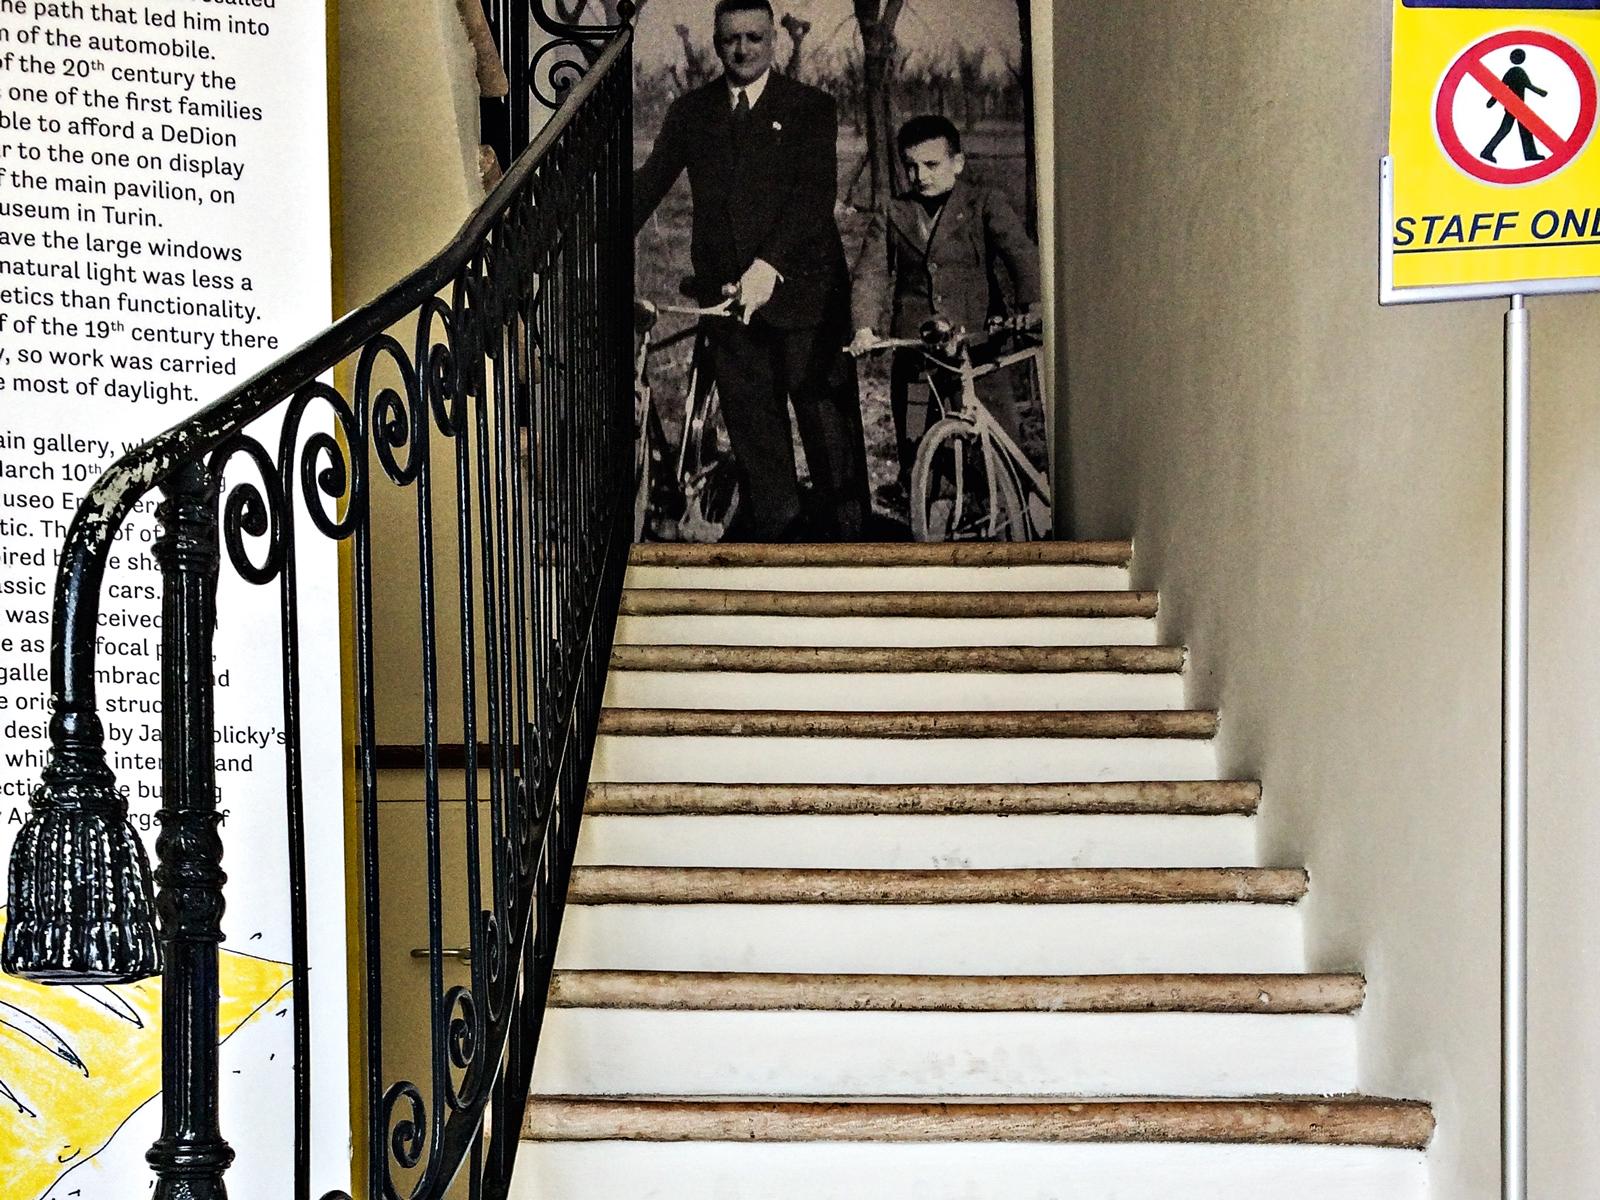 A escada onde Enzo costumava brincar, quando criança